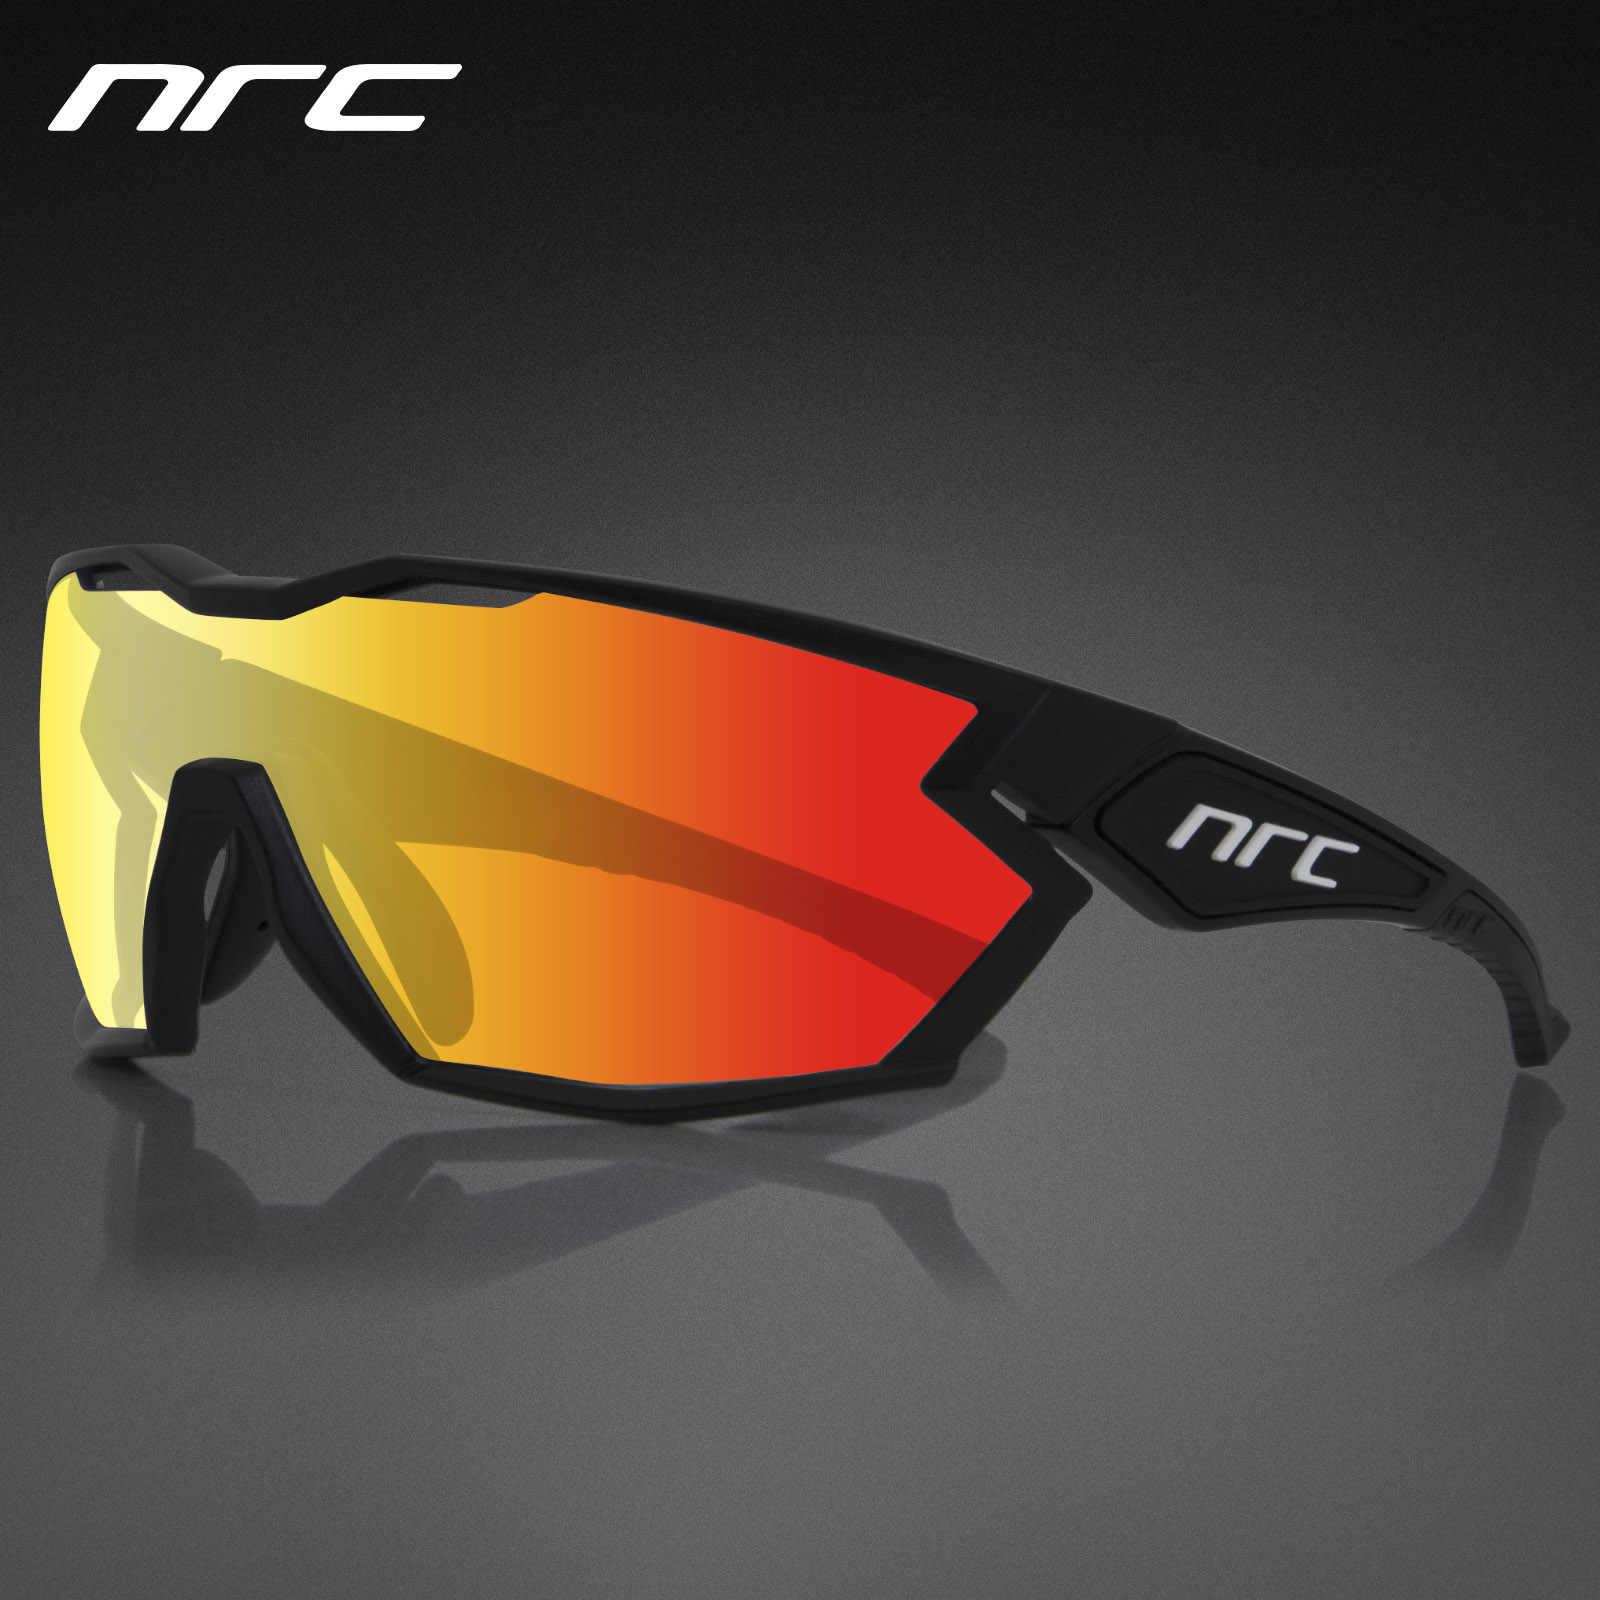 Для езды на велосипеде, солнцезащитные очки для езды на велосипеде защитные Велоспорт Солнцезащитные очки MTB дорожный велосипед, вождения, бега, езды солнцезащитные очки Для мужчин Для женщин Для мужчин